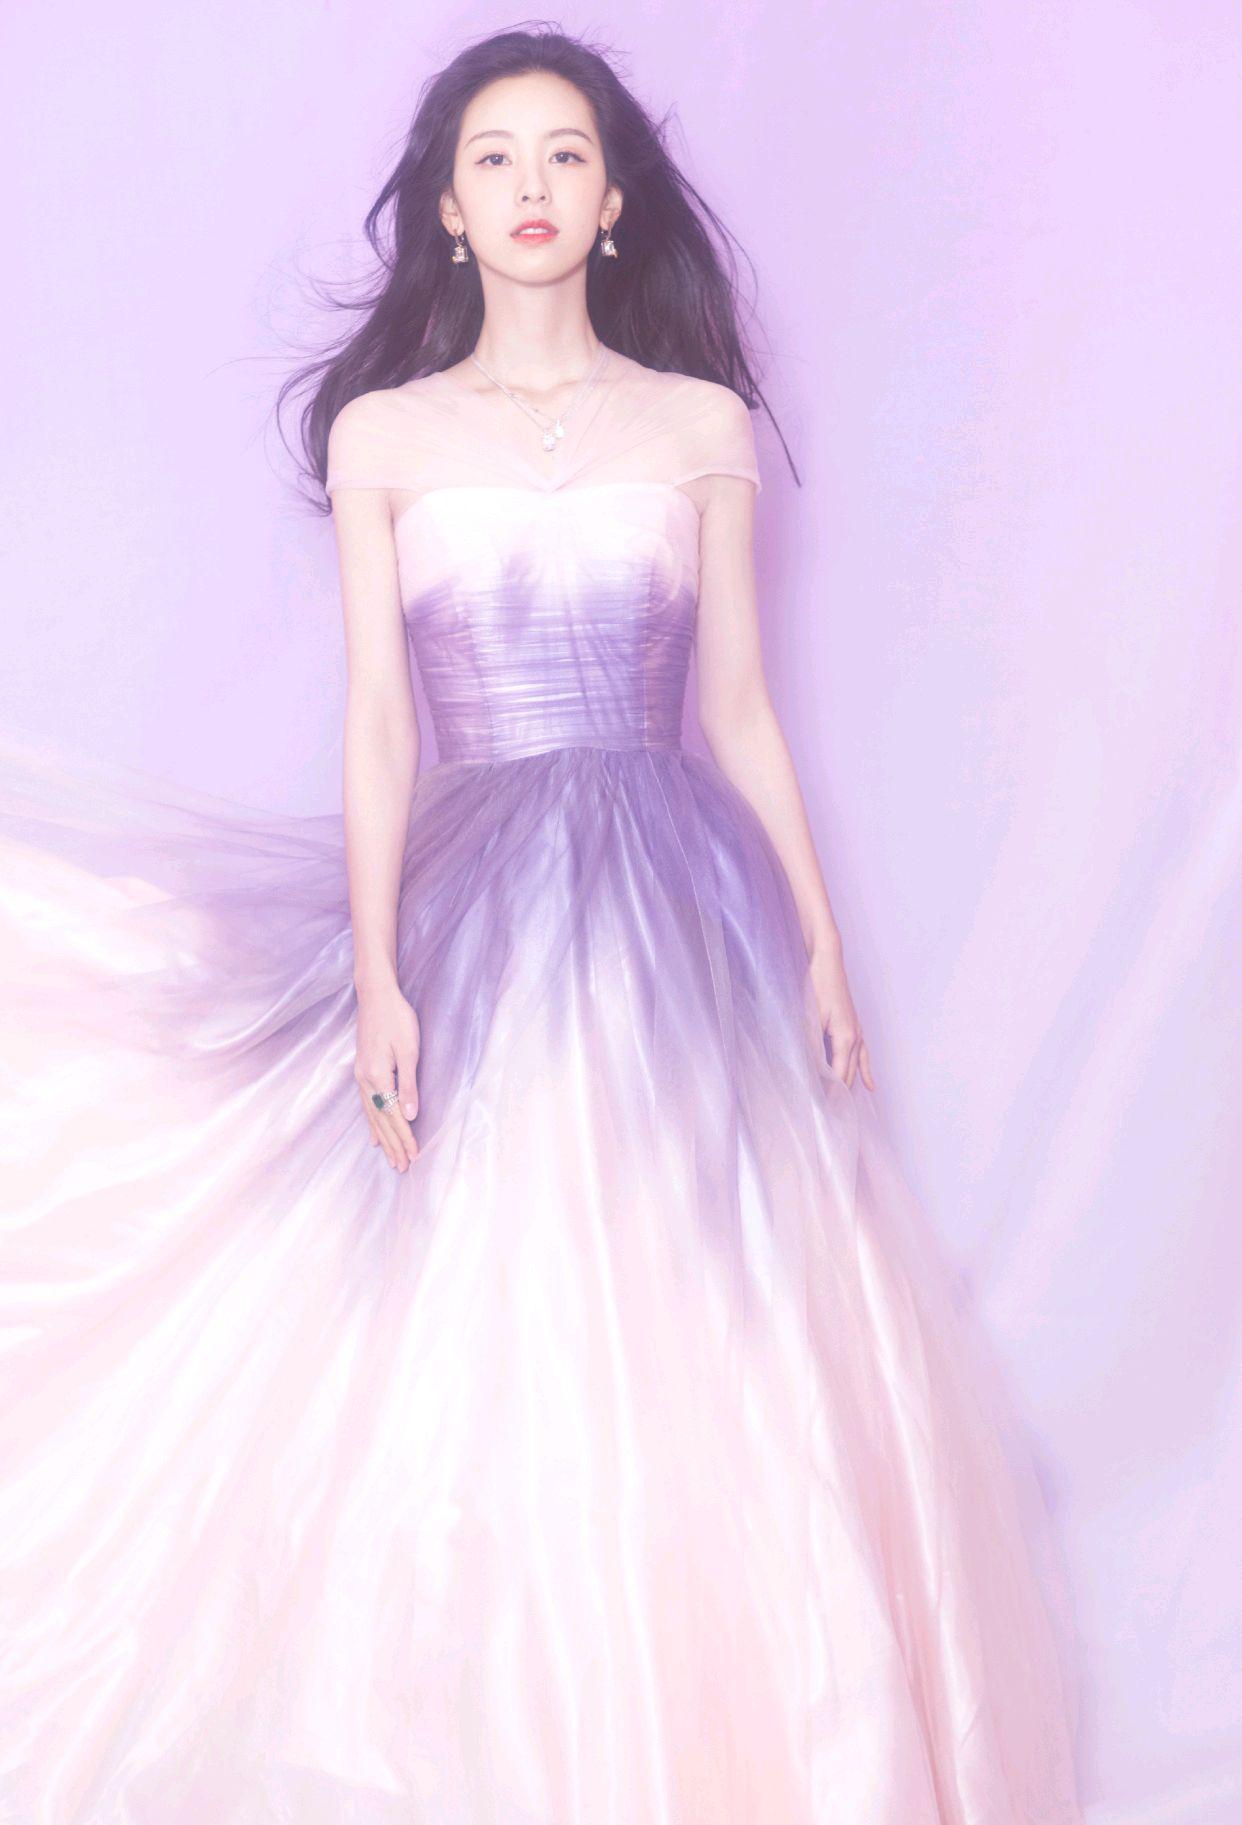 陈都灵的眼光真好,身穿渐变色连衣裙精致又高级,美得像个小仙女